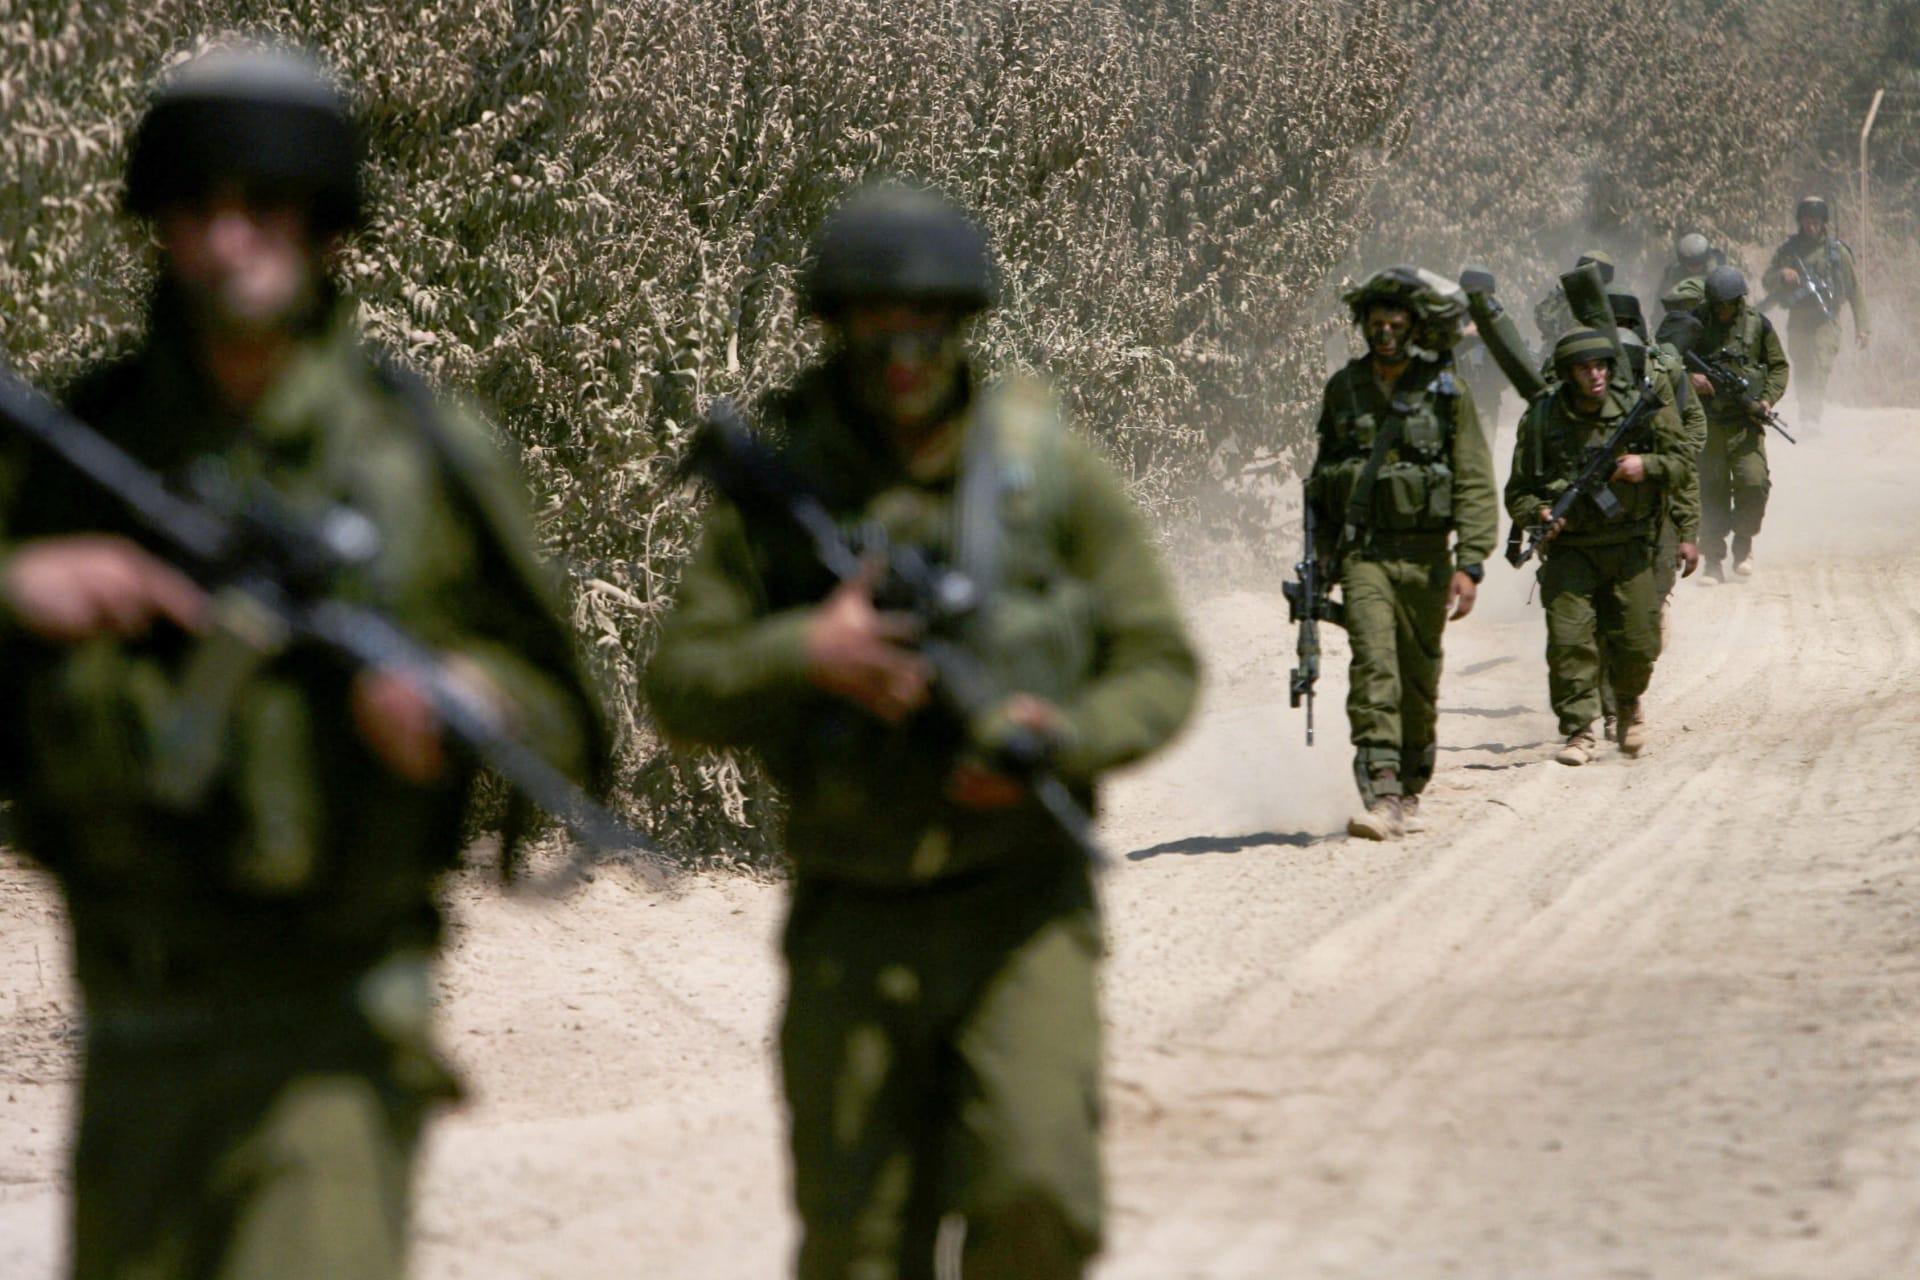 إسرائيل تعلن إحباط عملية تهريب أسلحة من لبنان: الأكبر منذ سنوات وربما دعمها حزب الله